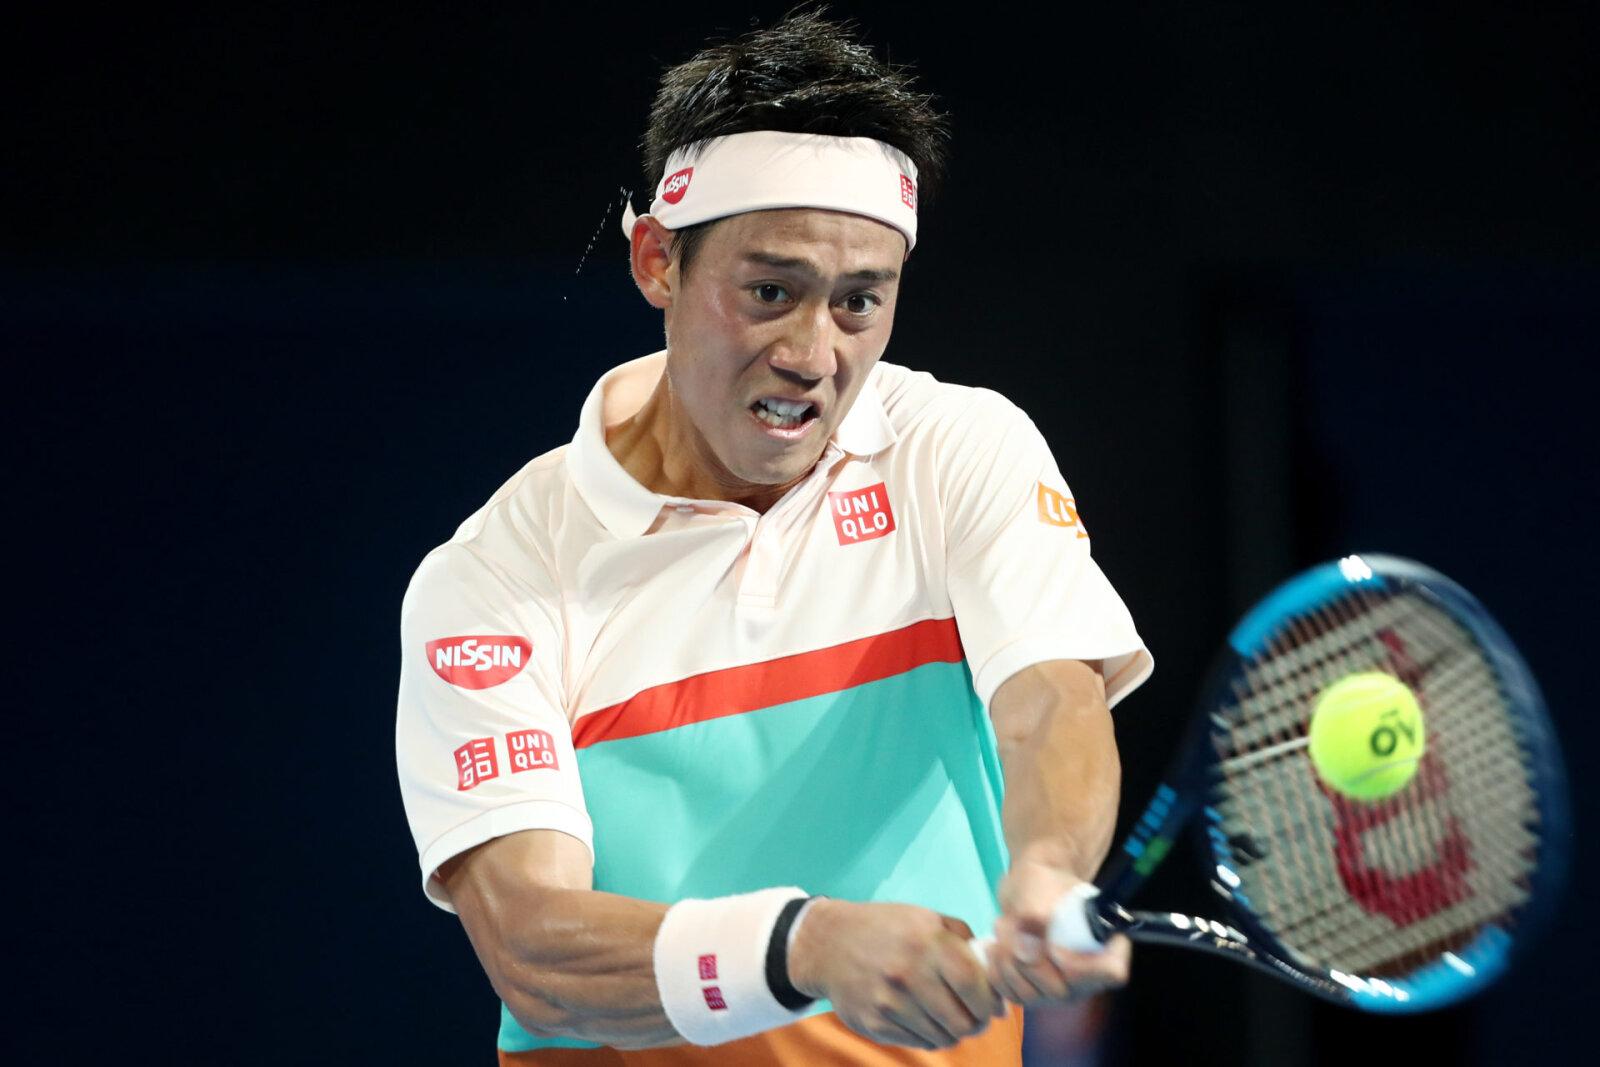 Barcelona Open 2021: Kei Nishikori vs. Guido Pella Tennis Pick and Prediction